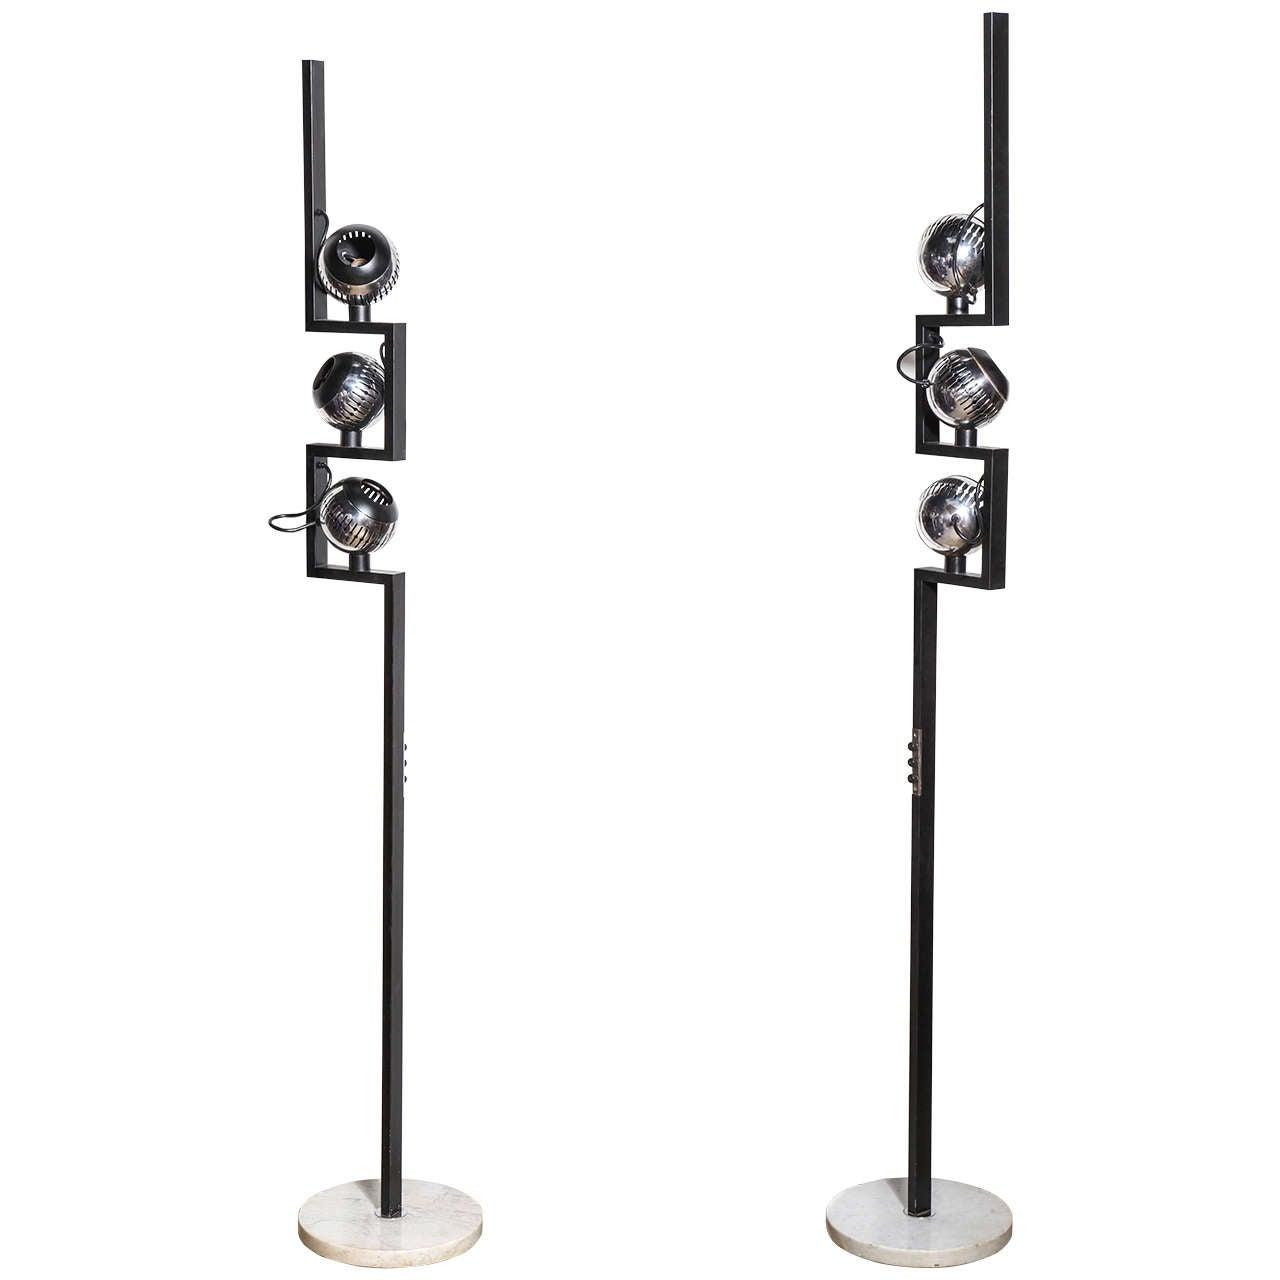 Pair of Angelo Lelli for Arredoluce Adjustable Chrome Eyeball Floor Lamps For Sale